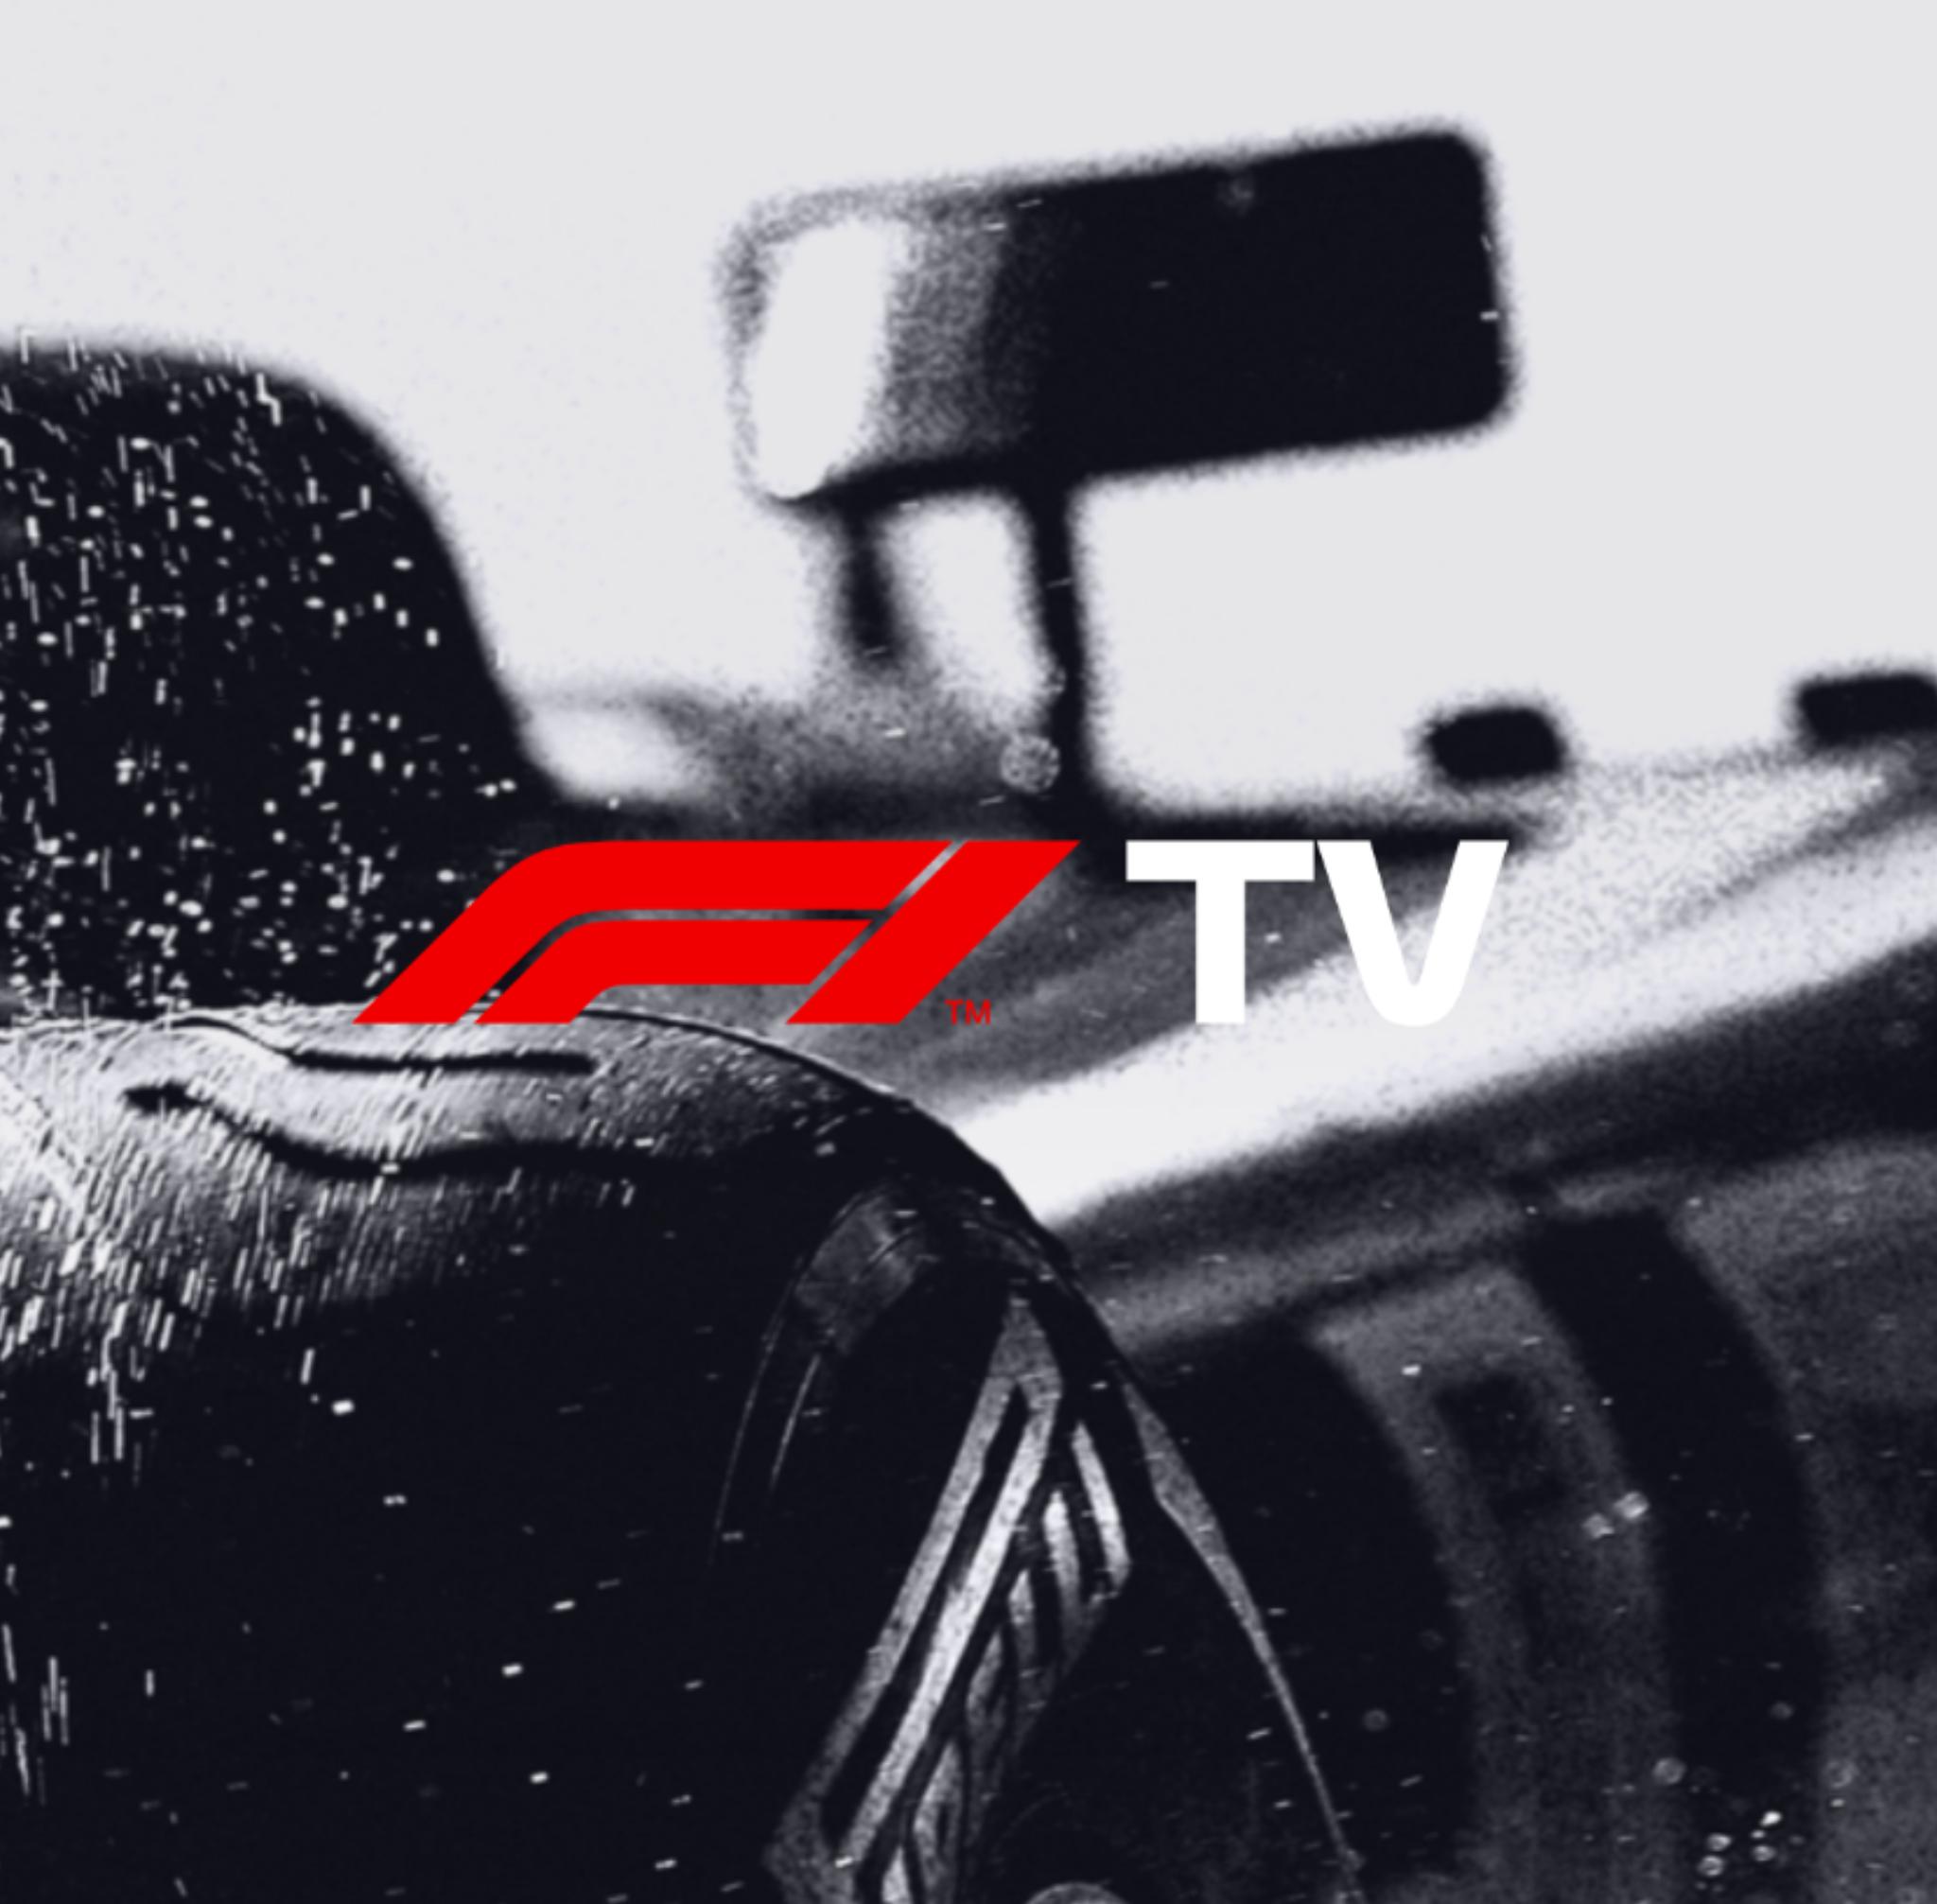 F1TV Pro - Jahresabo -50% - mydealz de